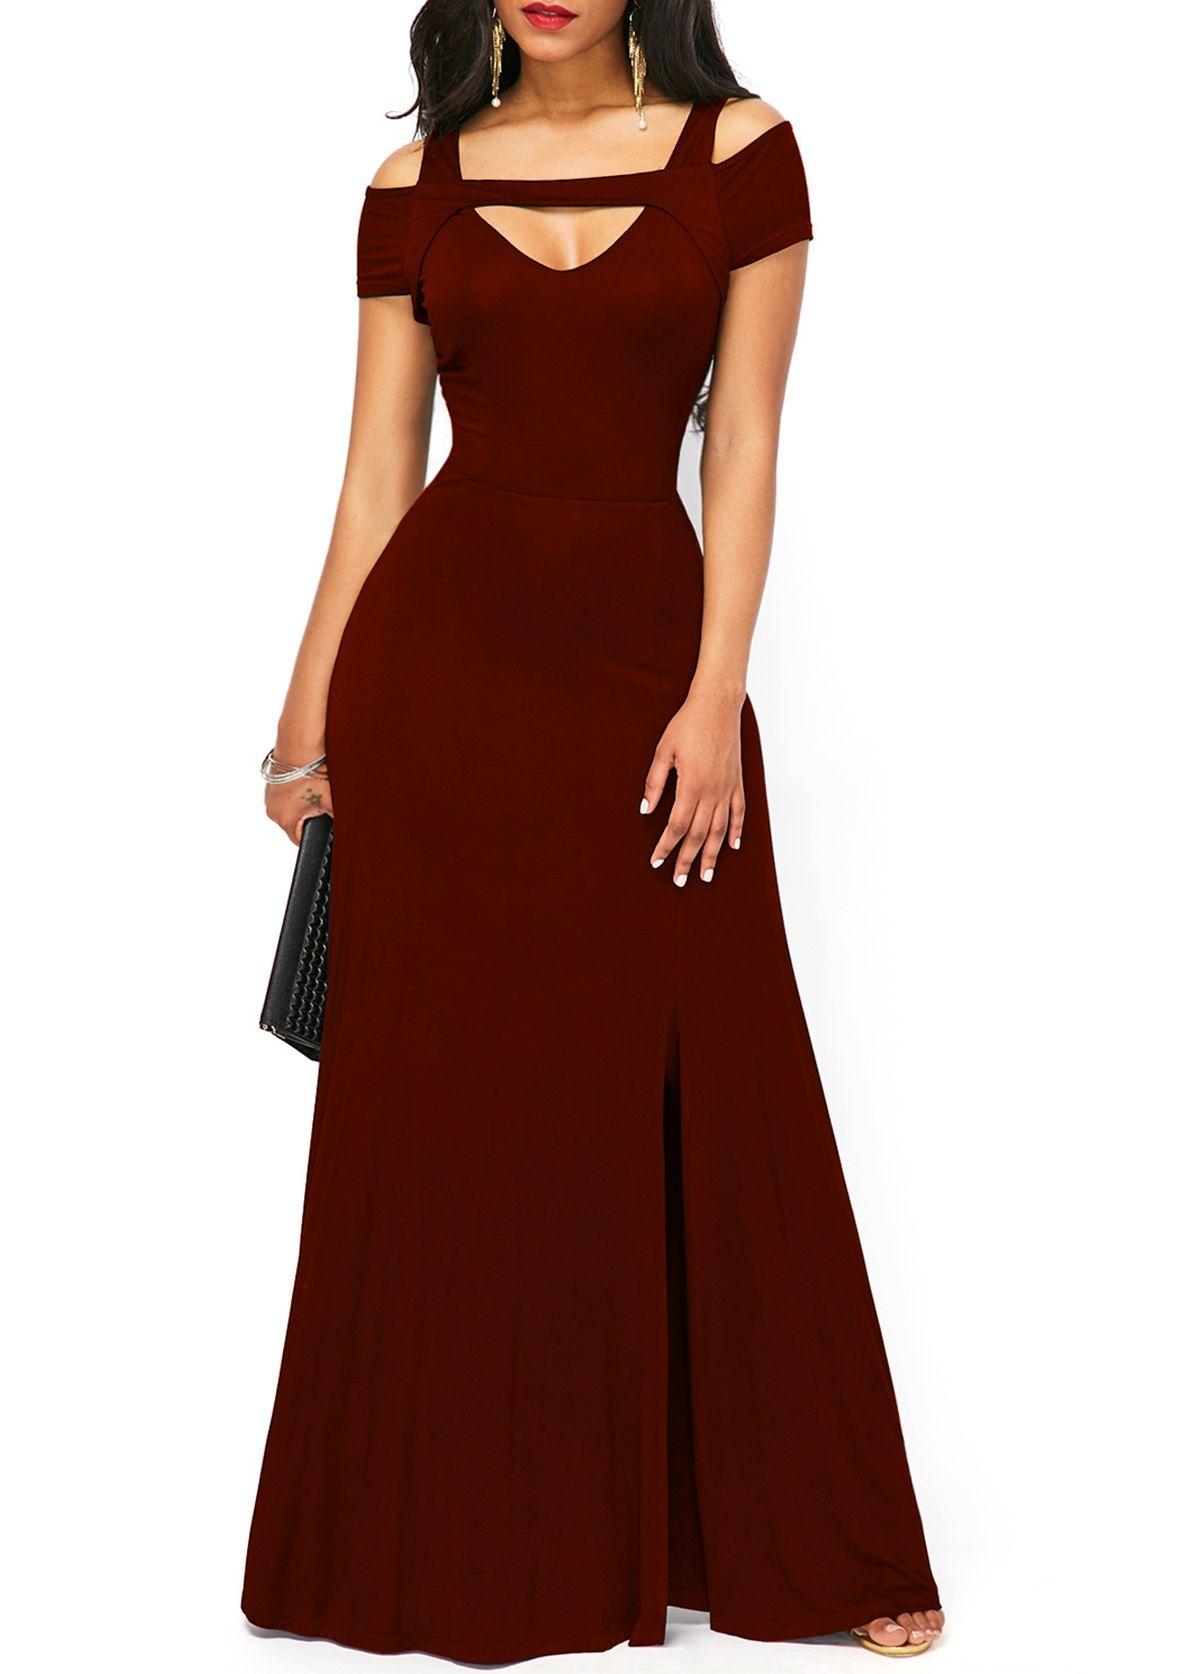 Zipper back cold shoulder front slit maxi dress cold shoulder red